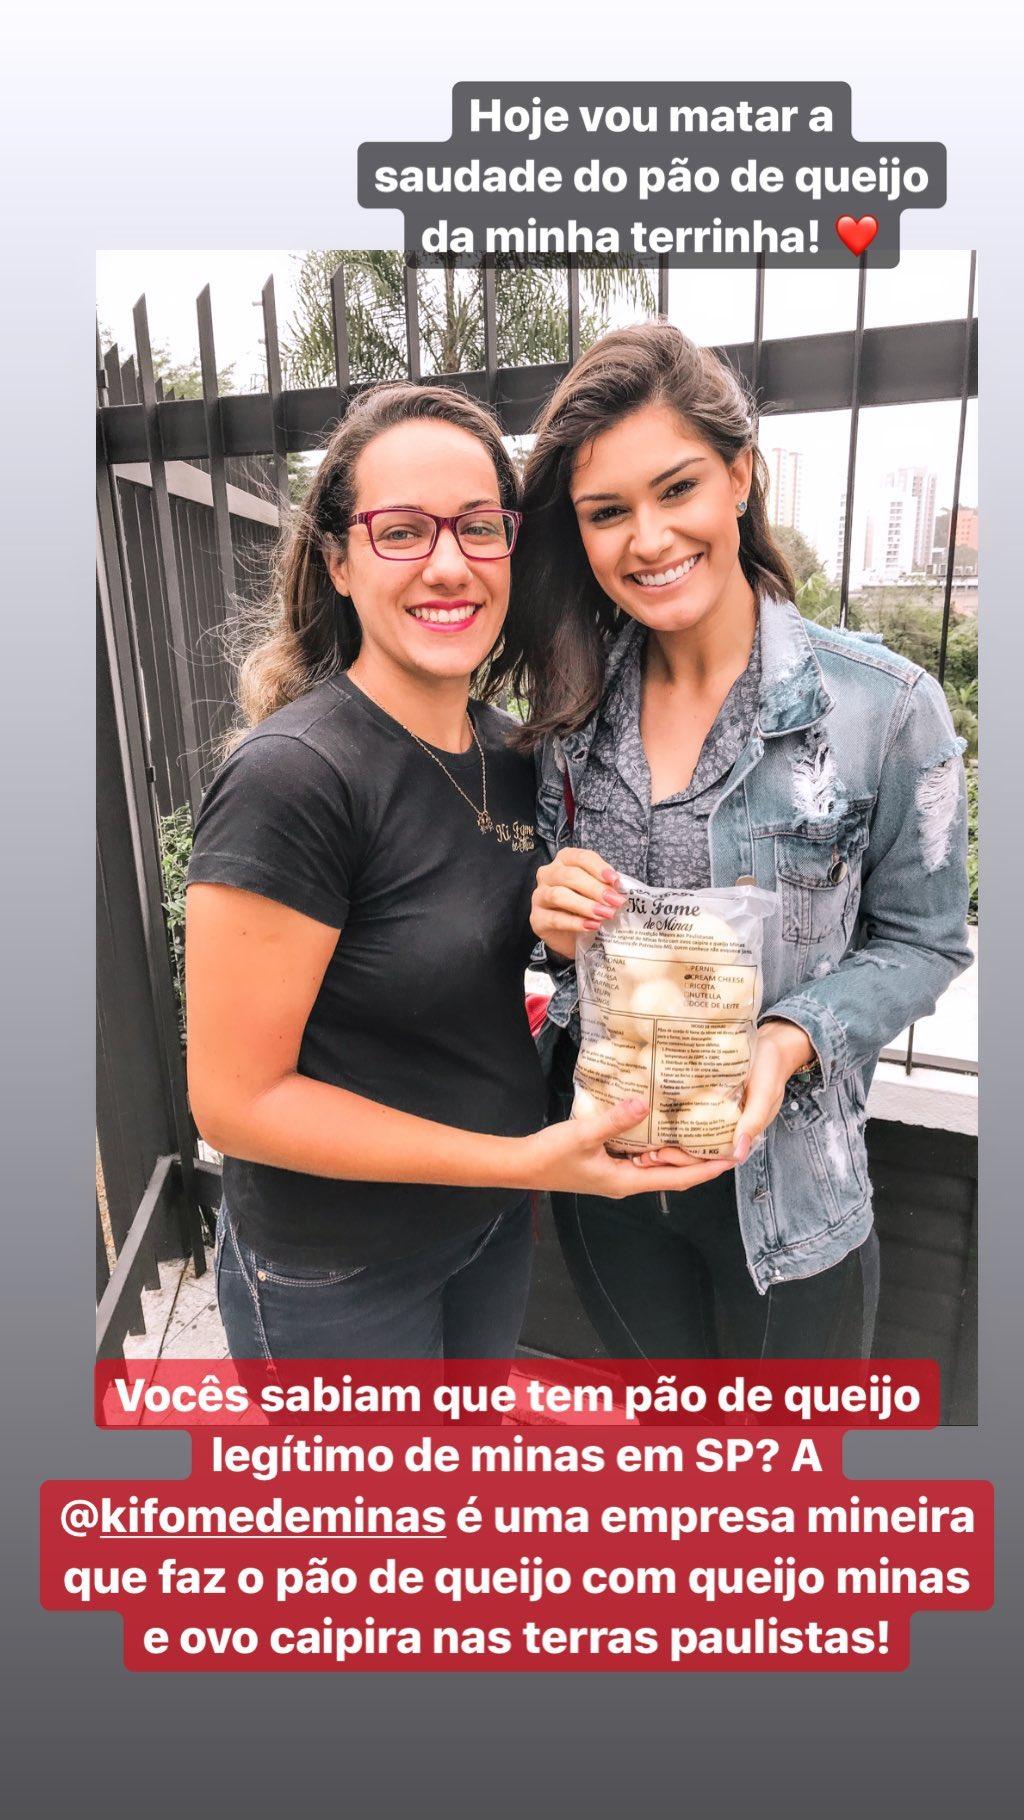 elis miele, top 5 de miss world 2019. - Página 22 Alex-534